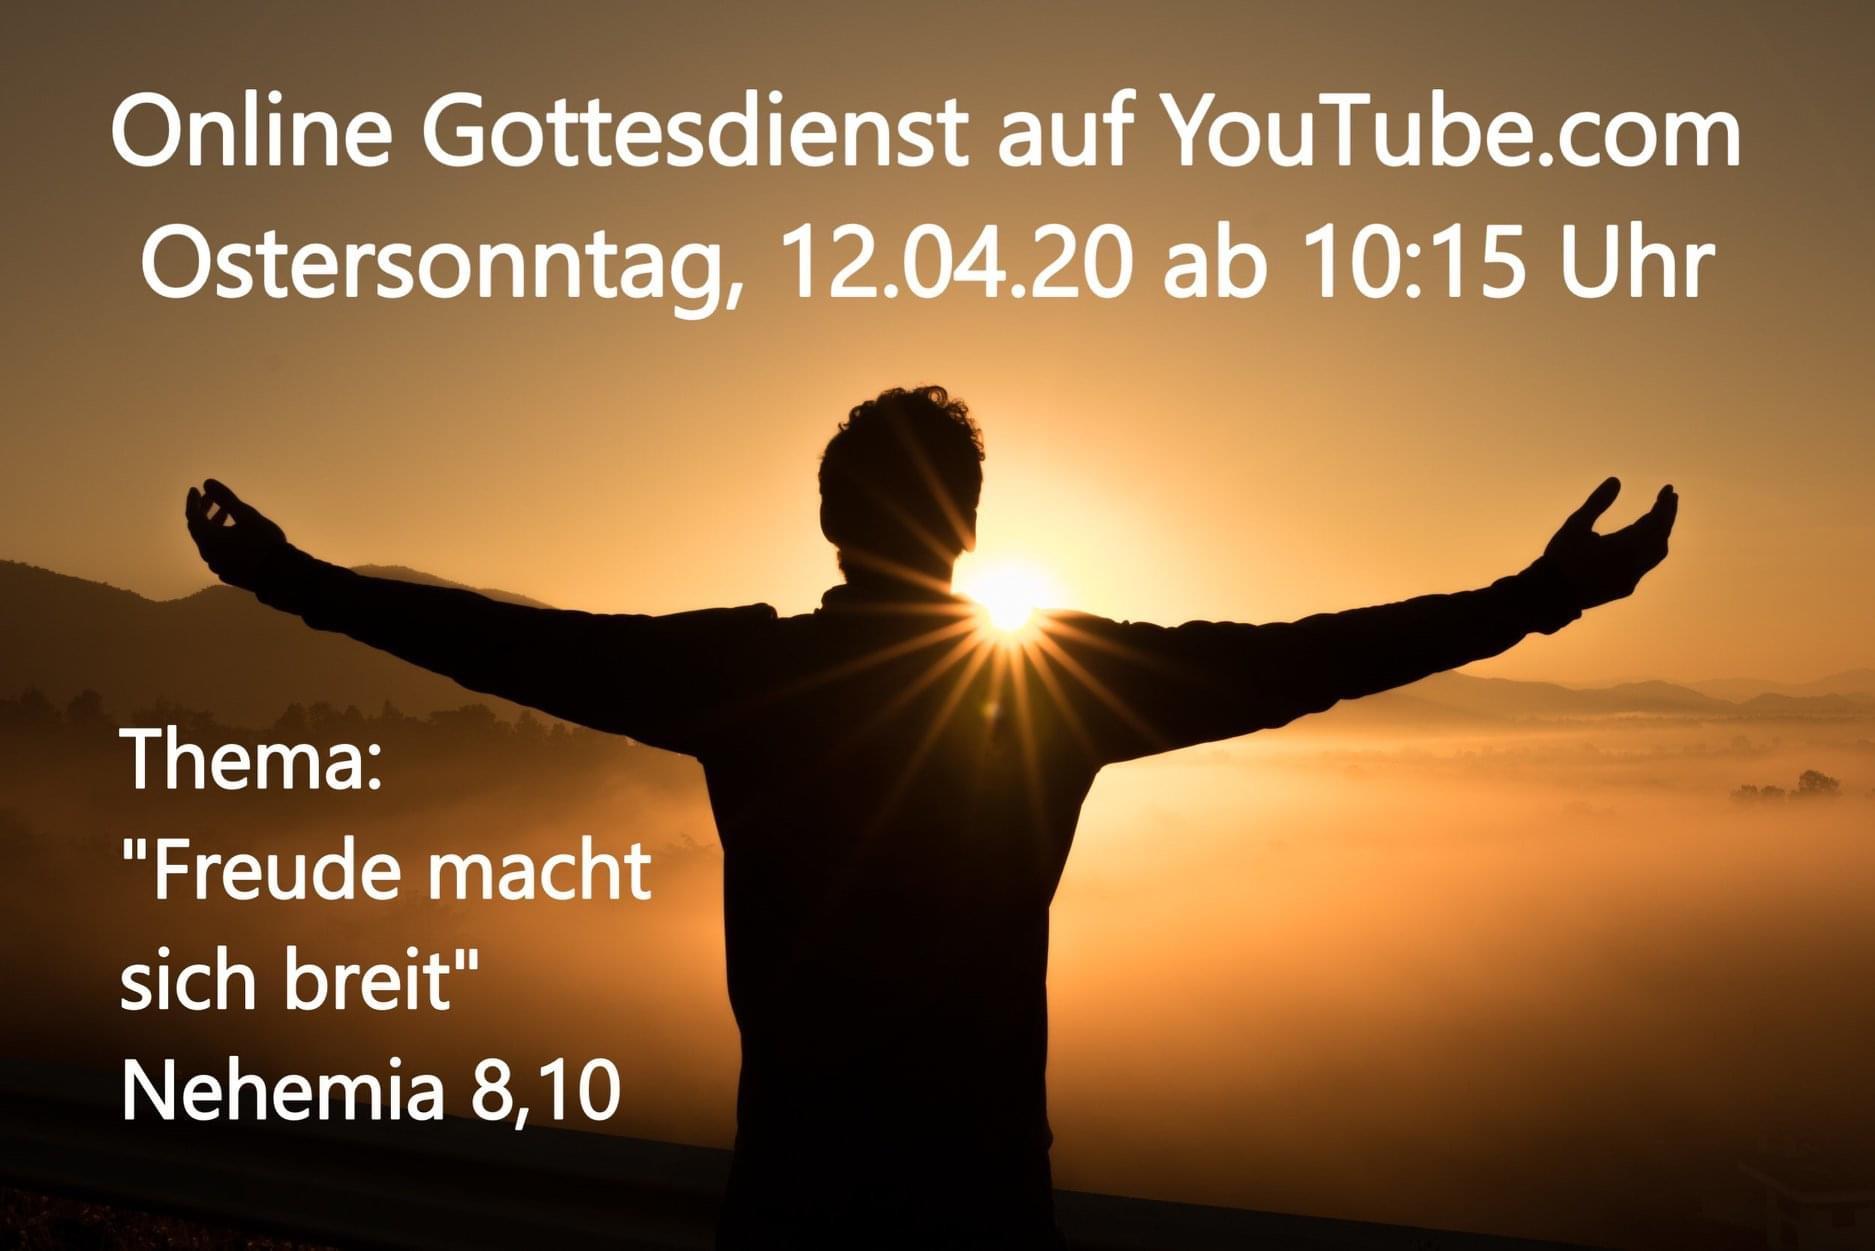 Freude macht sich breit - Online-Gottesdienst vom 12.04.2020 (Ostersonntag)